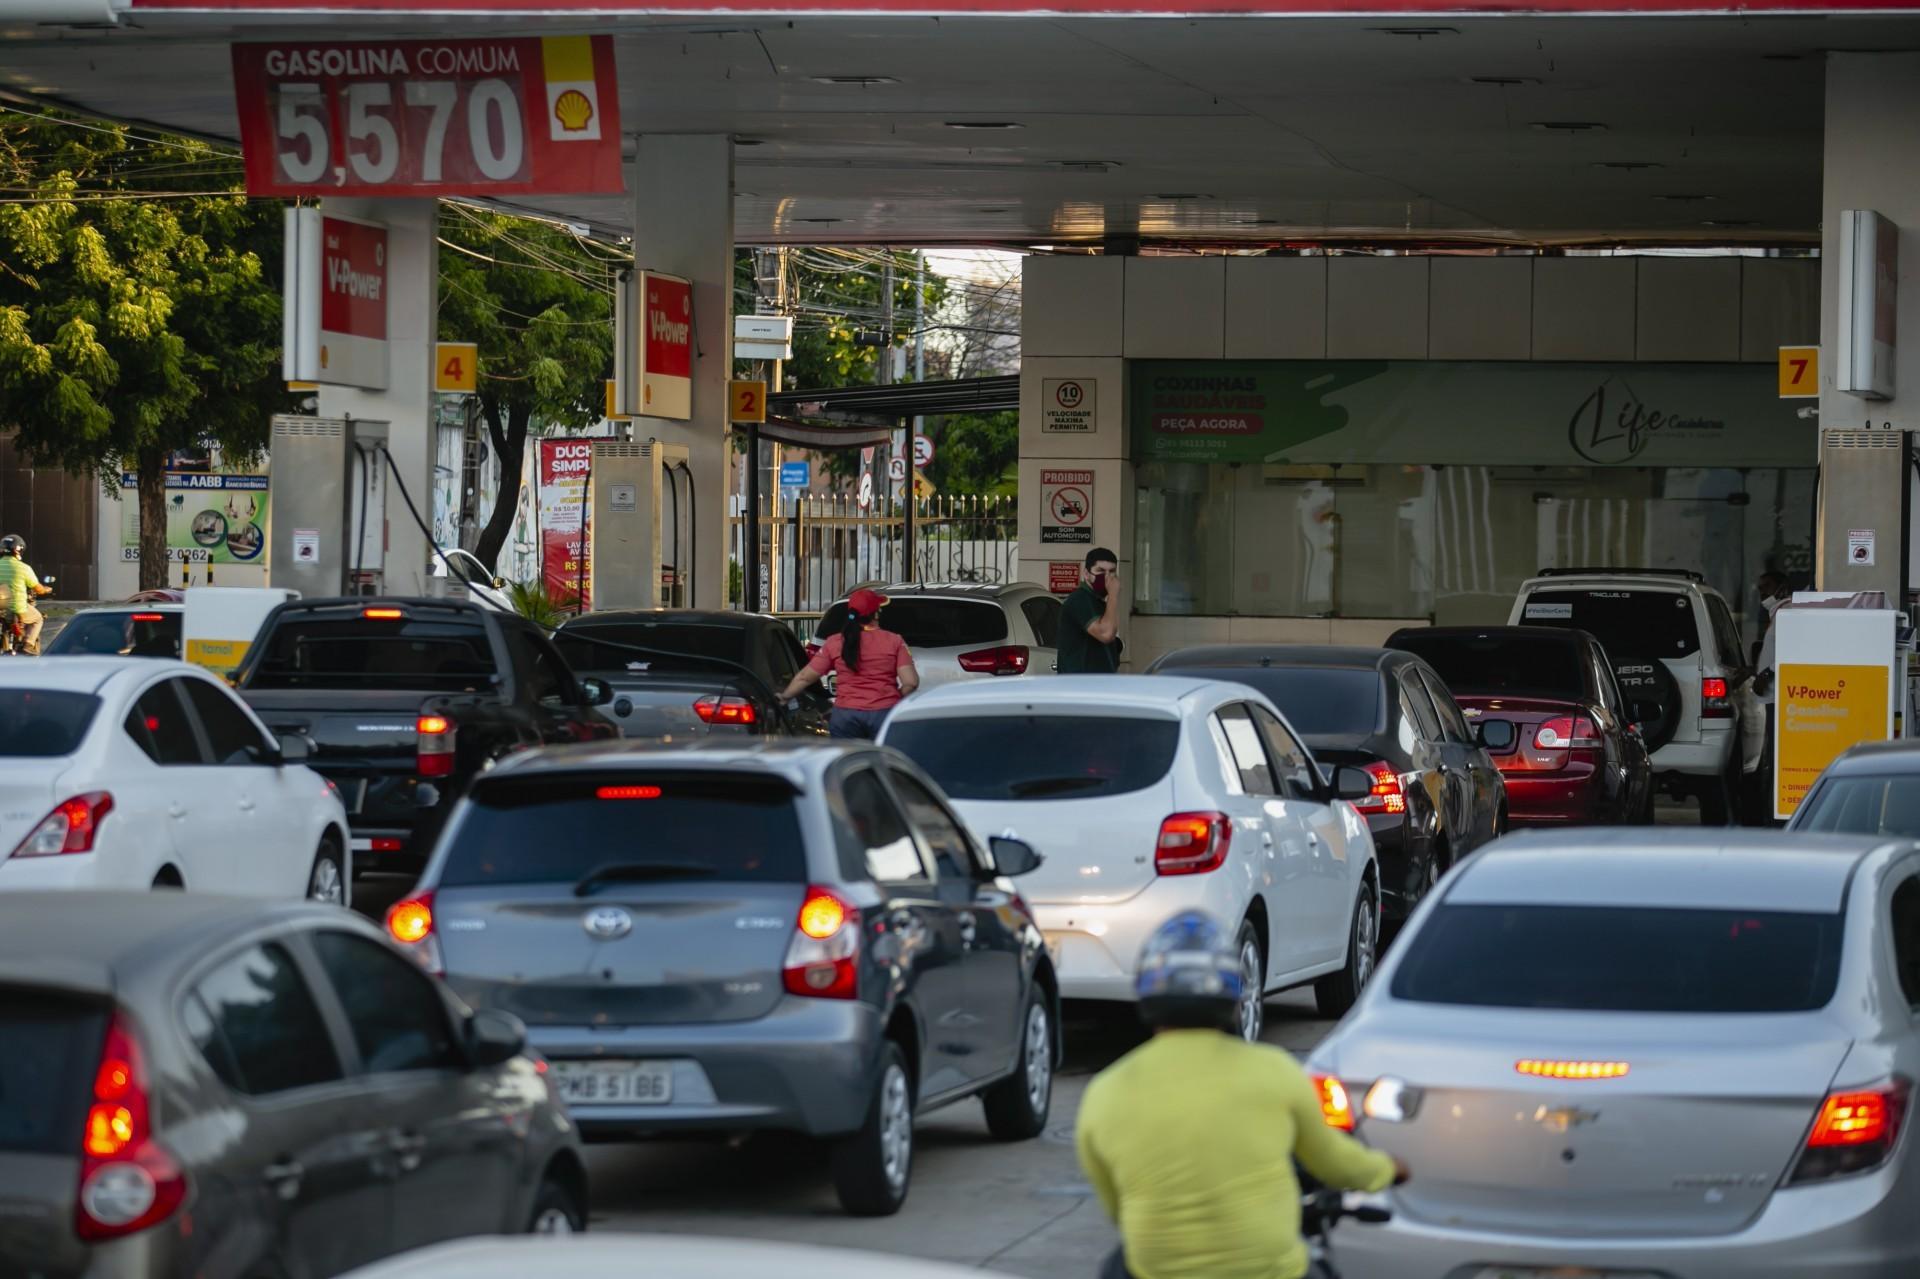 Mudança no ICMS: gasolina cairia só R$ 0,34